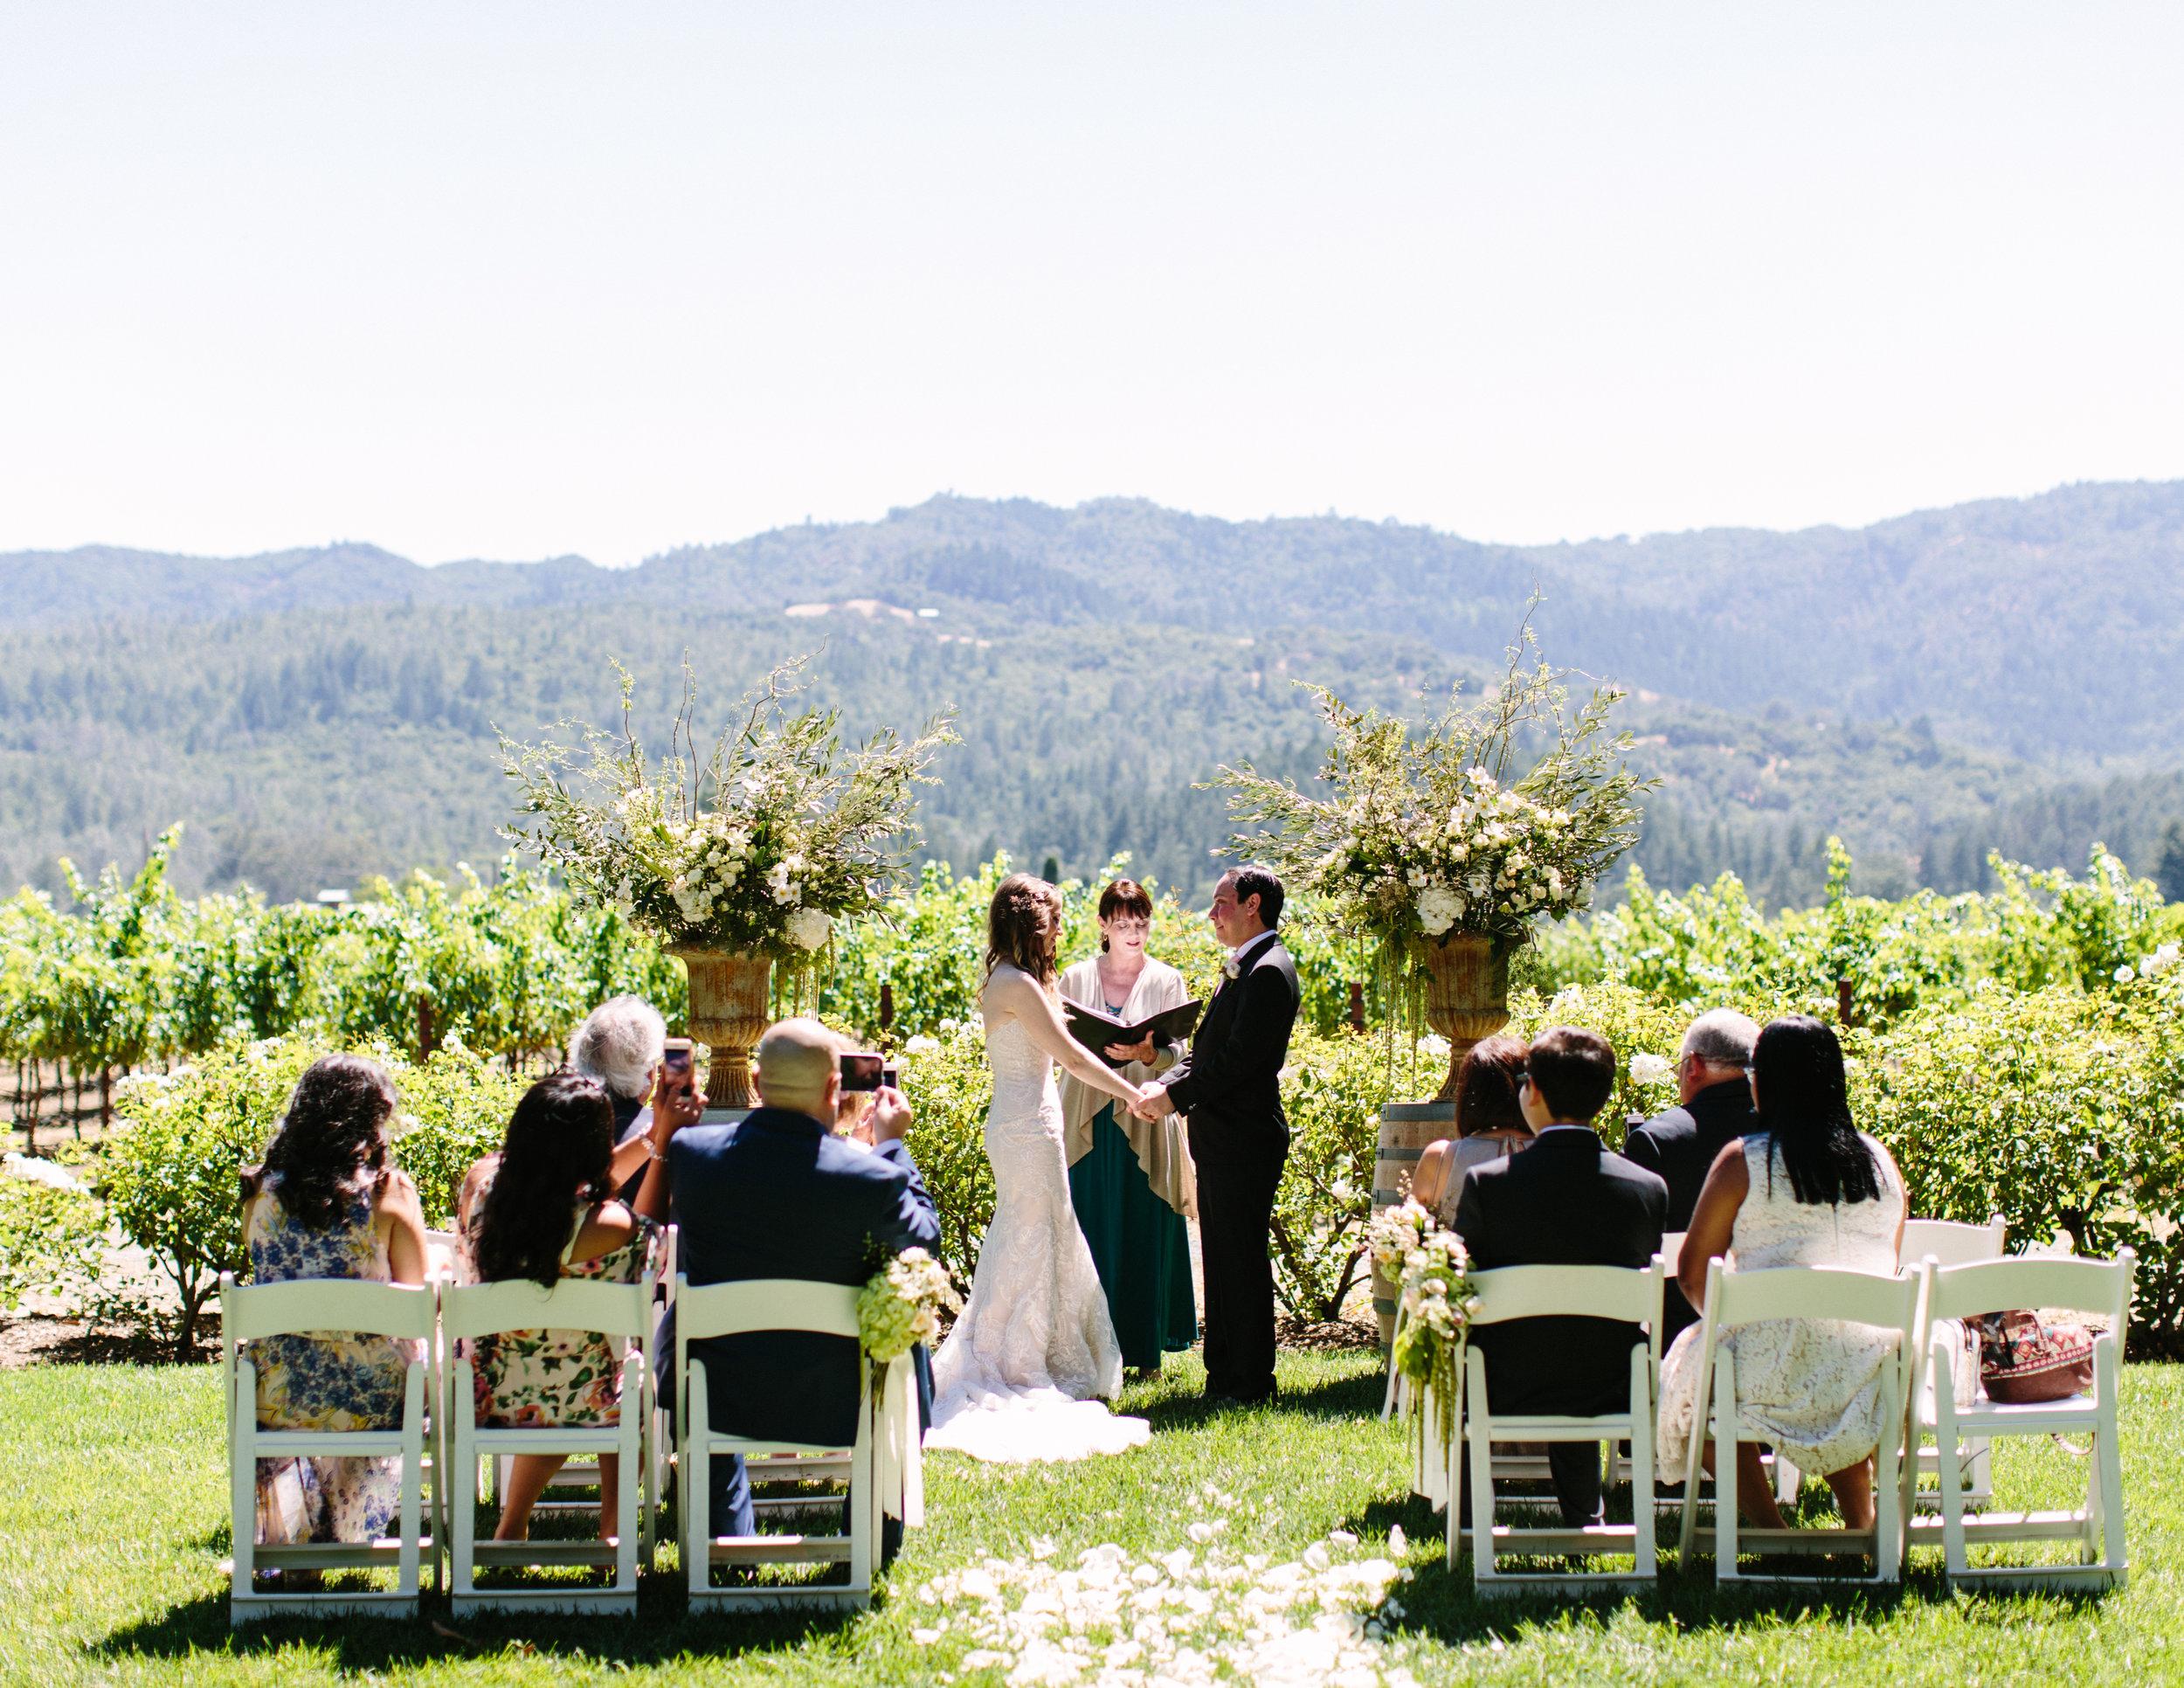 harvest inn elopement wedding 4.jpg